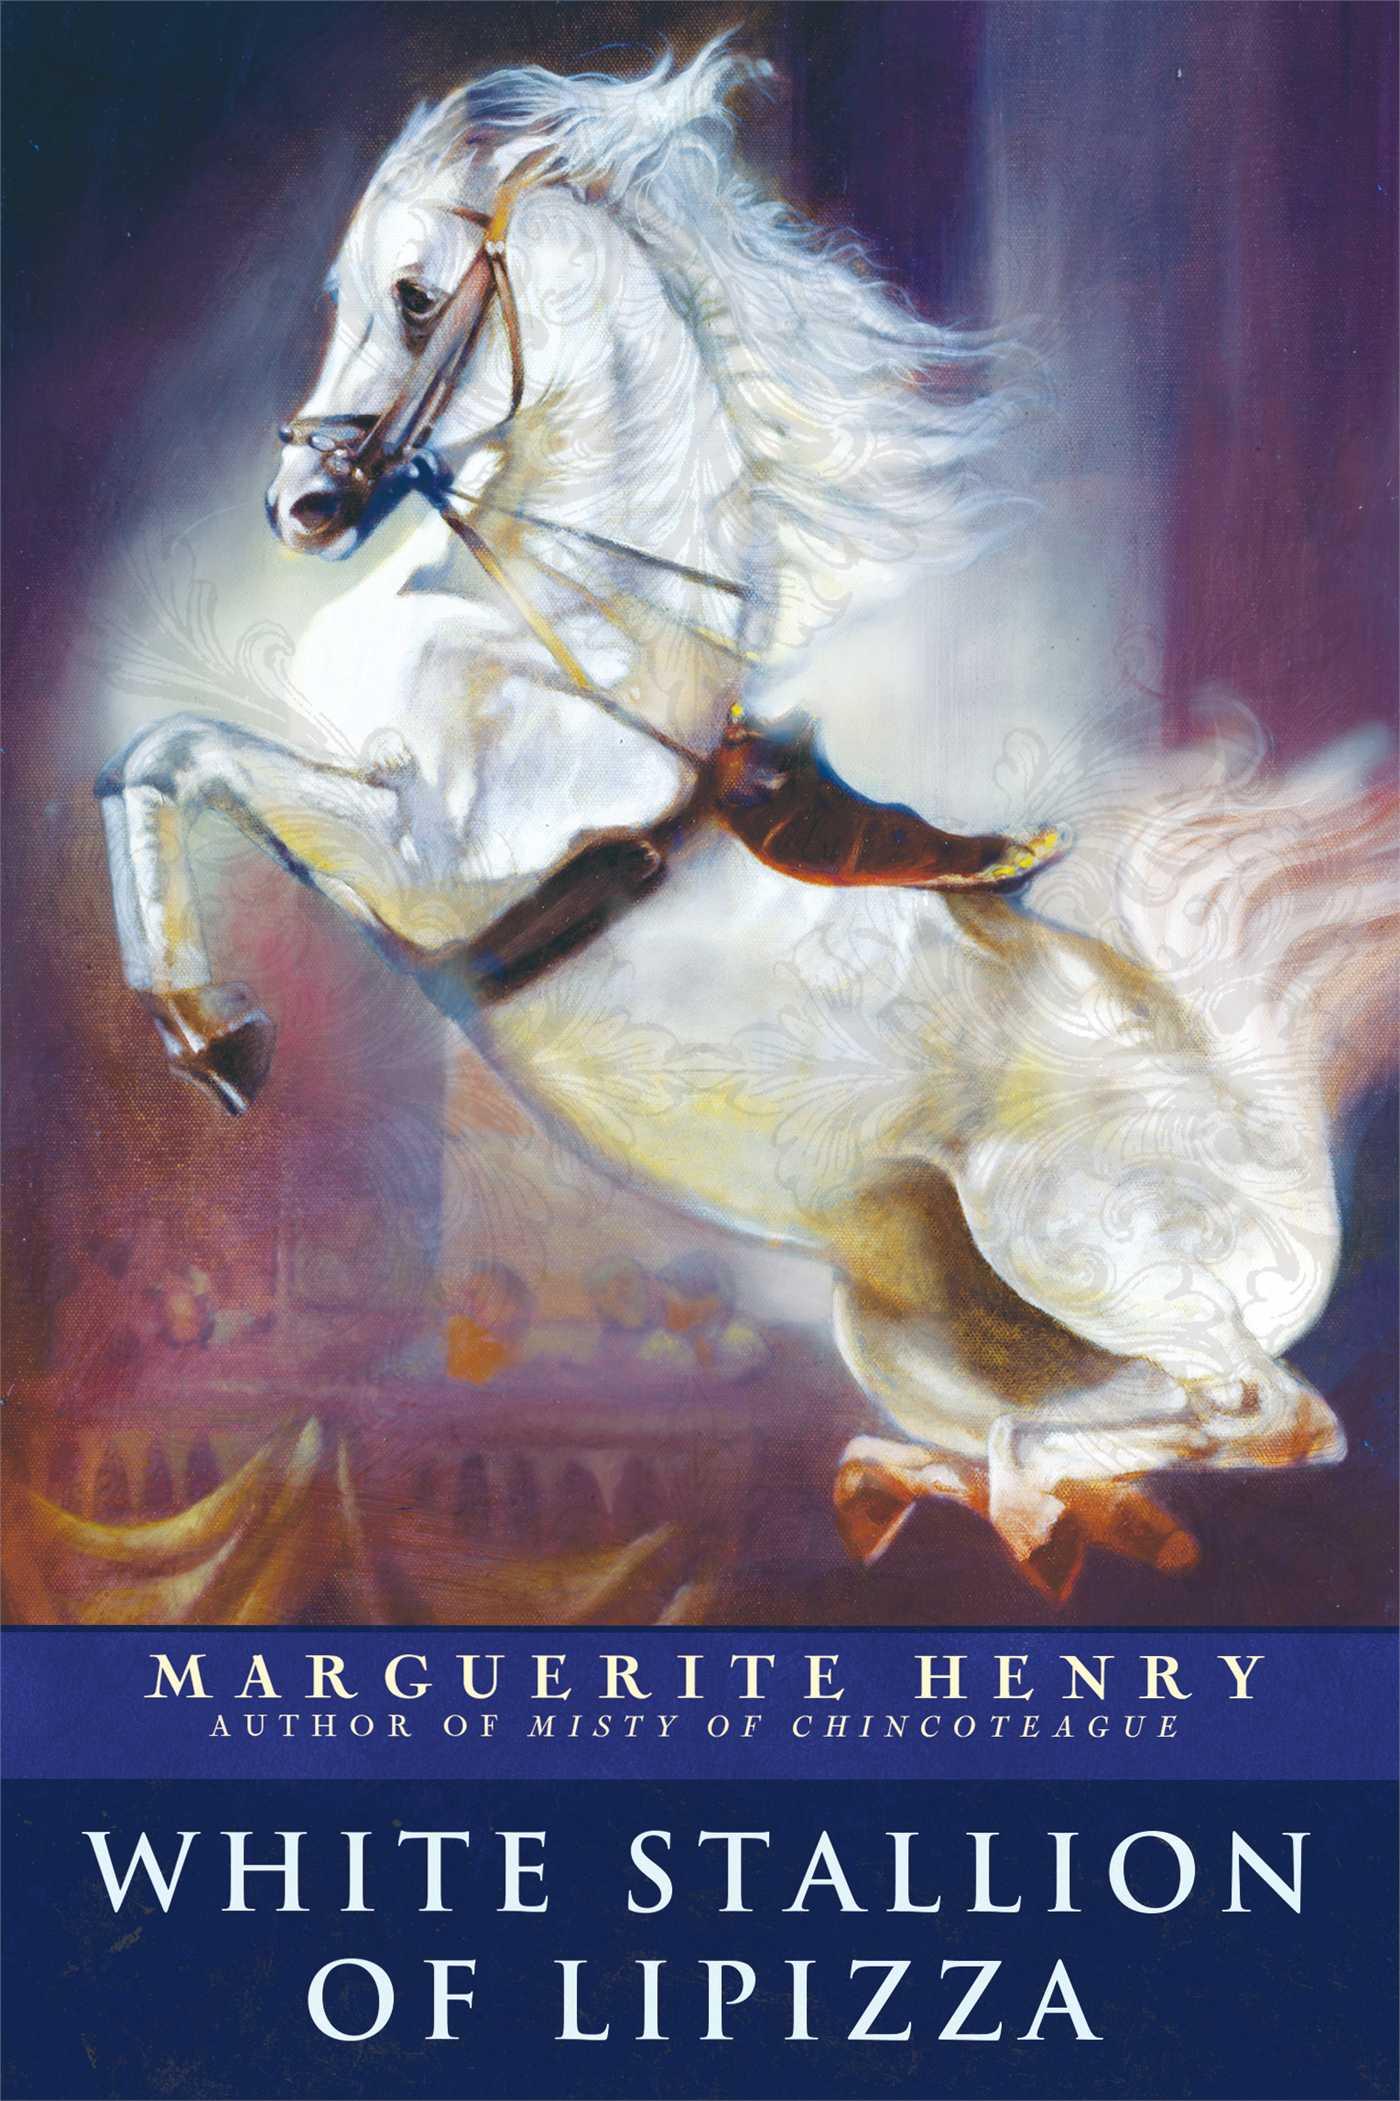 White stallion of lipizza 9781481403931 hr